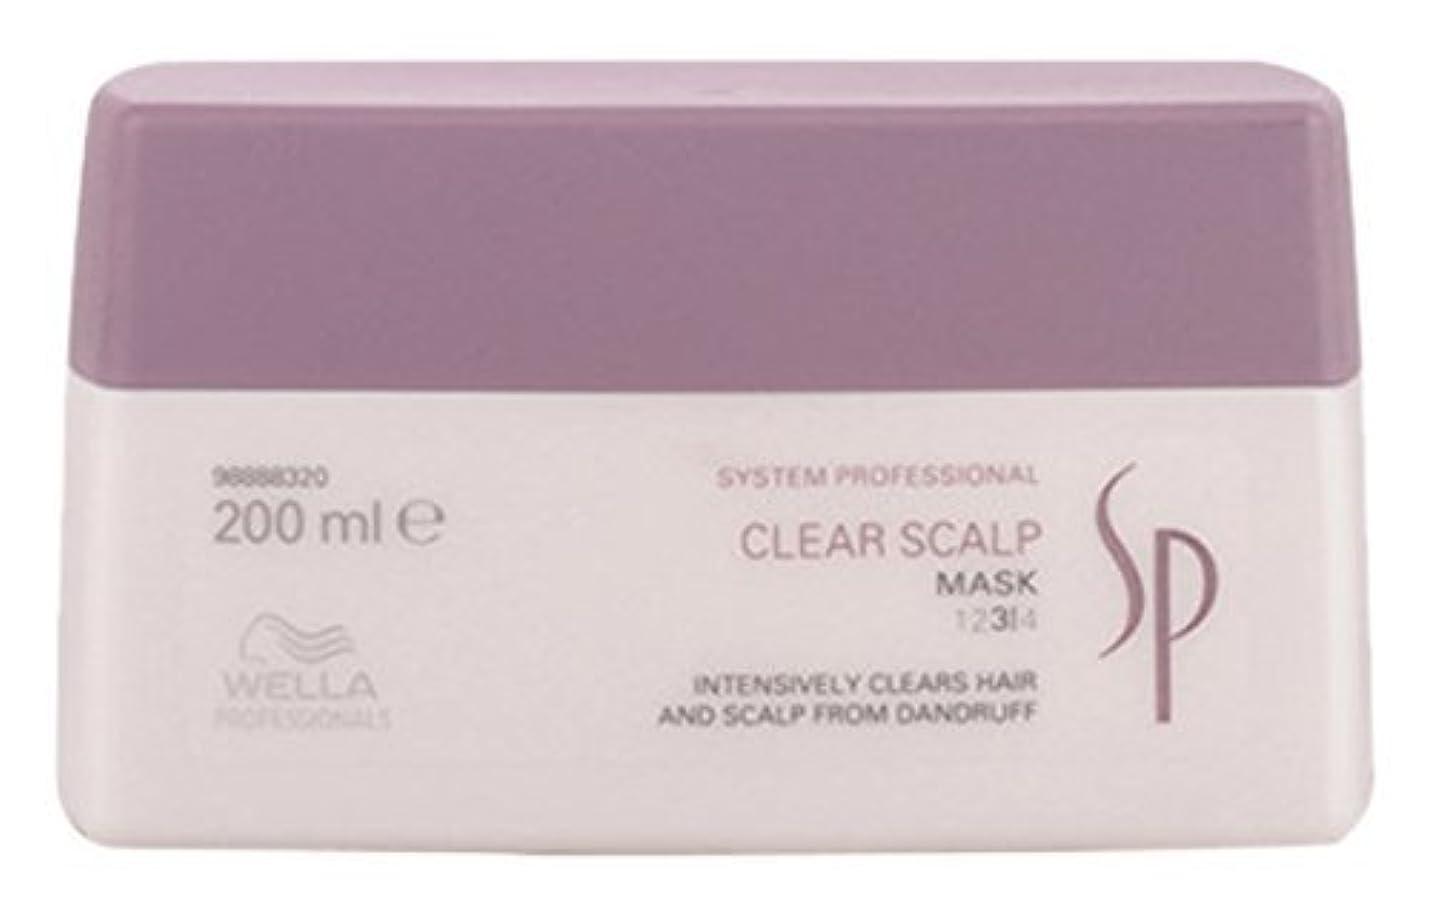 分解するエキゾチックくるみWella SP Clear Scalp Mask ウエラ SP クリアスカルプマスク 200ml [並行輸入品]